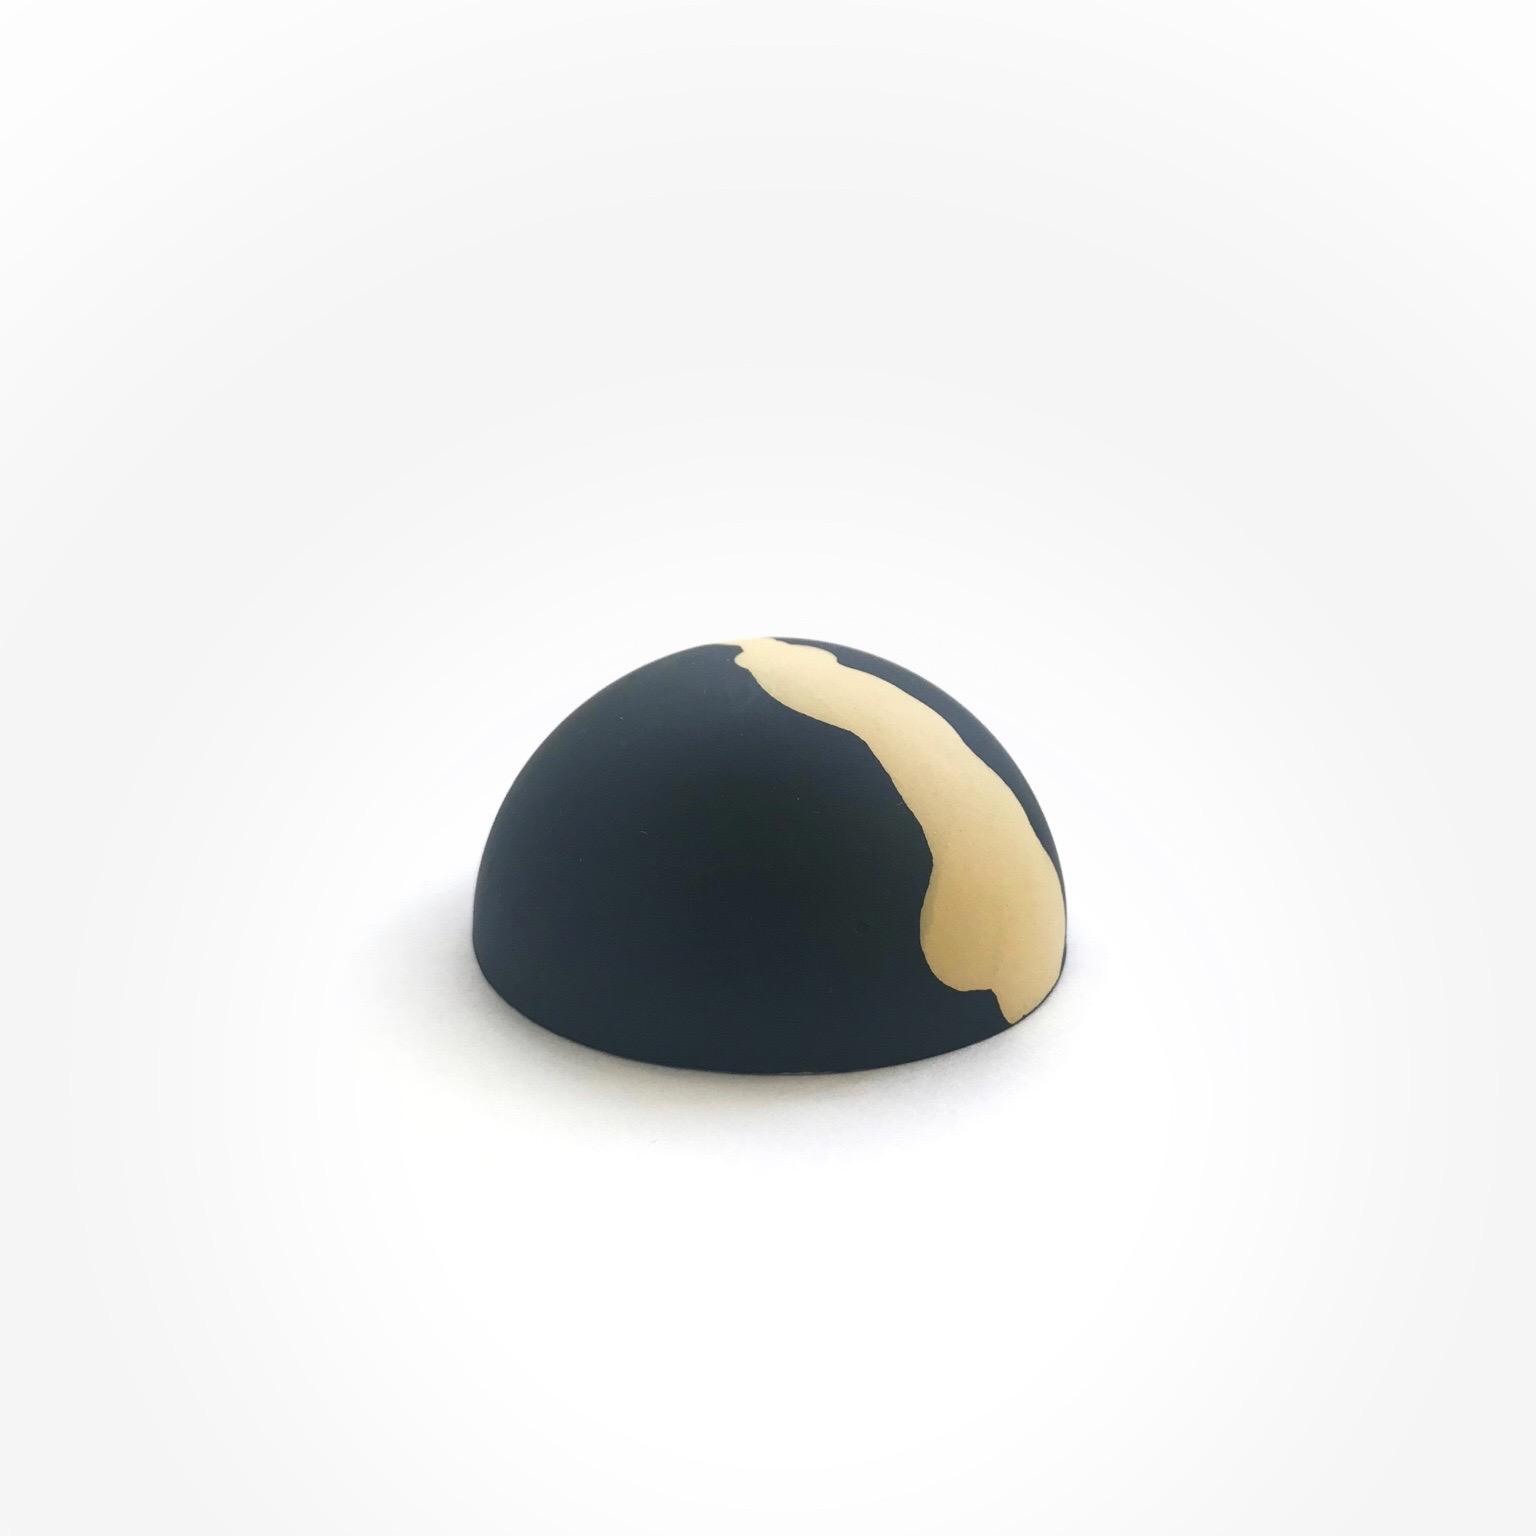 velvet black, naples yellow